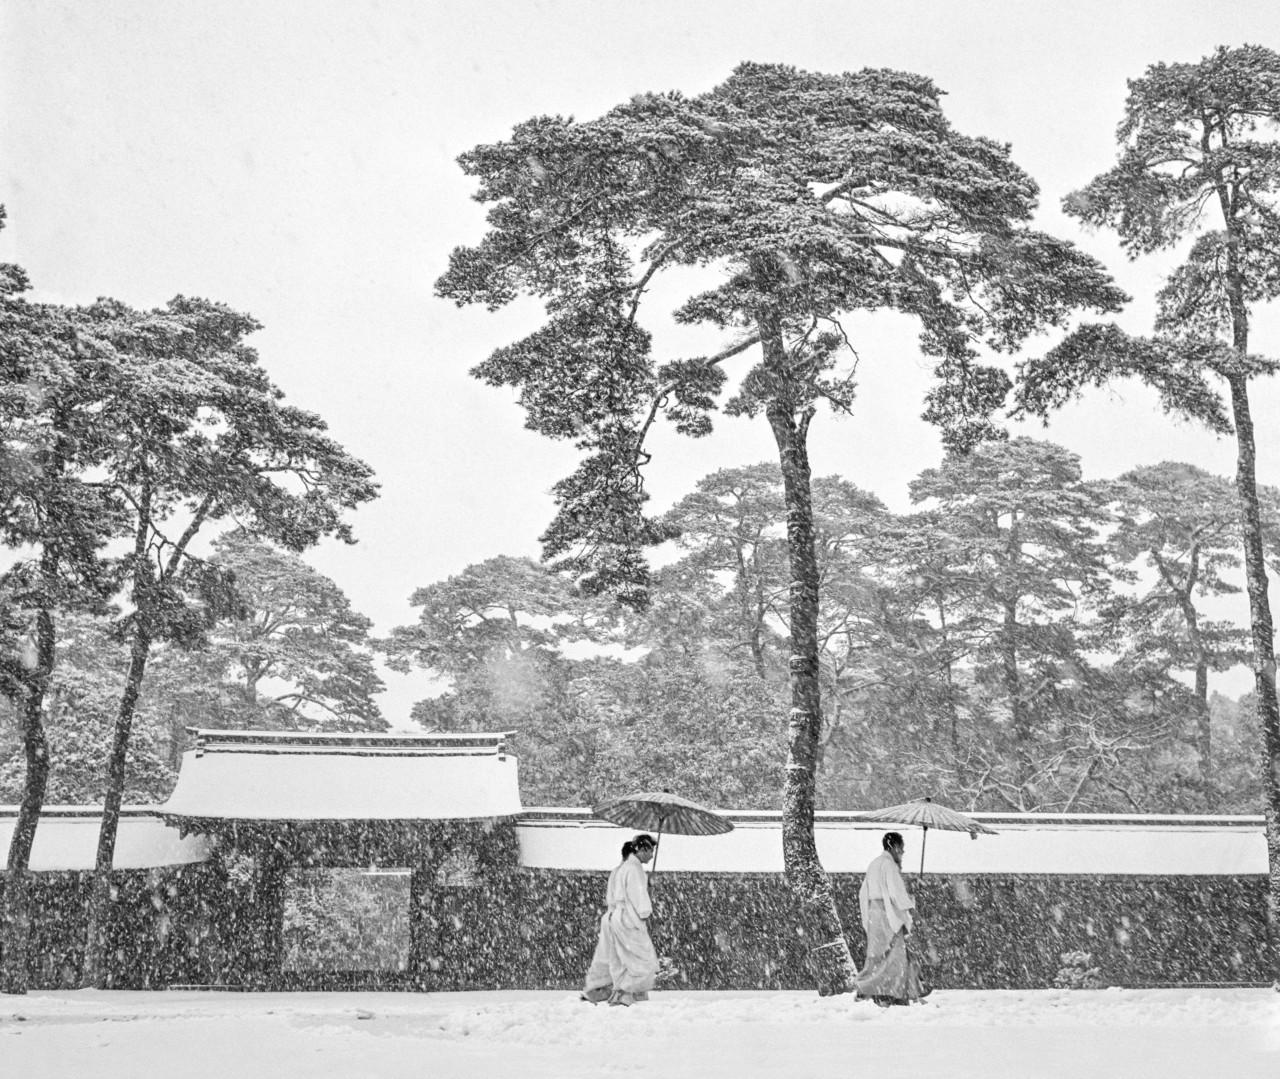 Werner Bischof Courtyard of the Meiji shrine. Tokyo. Japan. 1951. © Werner Bischof | Magnum Photos